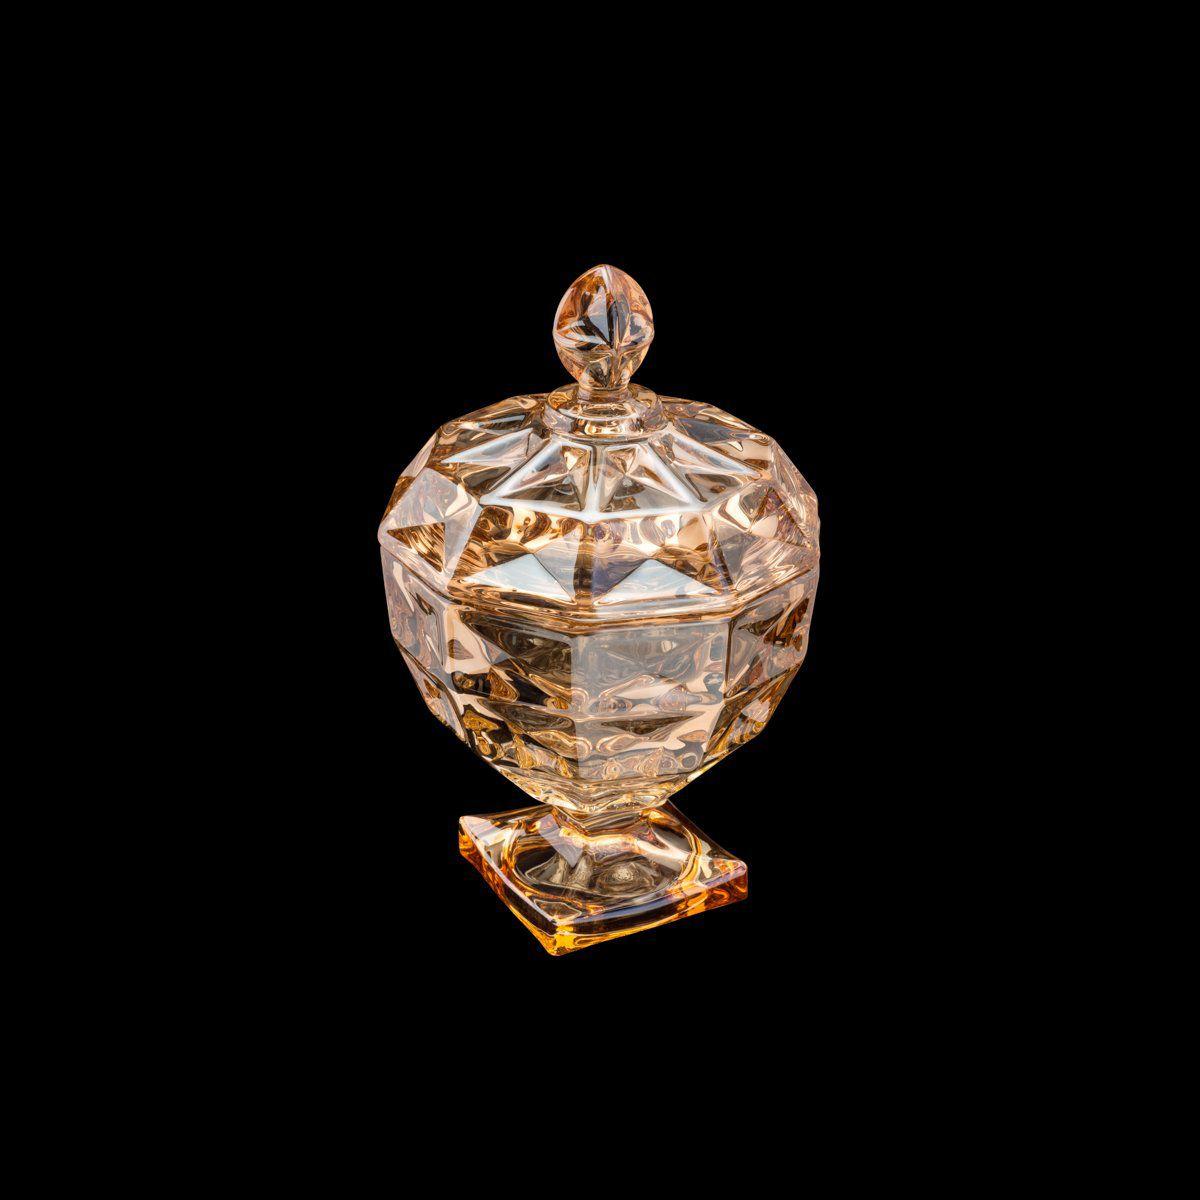 Bomboniere 18 cm de cristal âmbar com pé e tampa Diamant Wolff - 26061